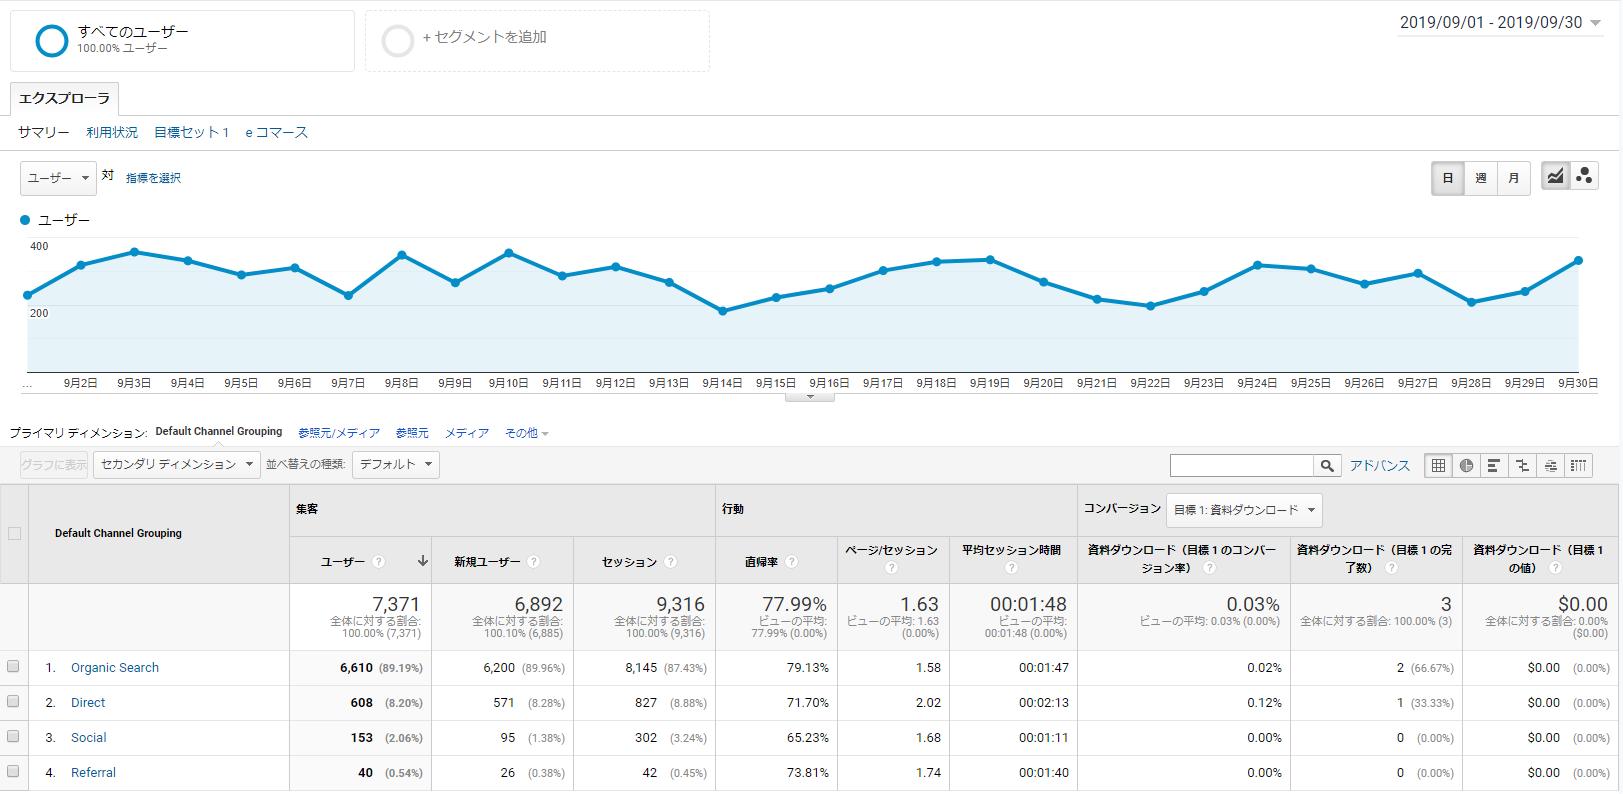 サイト集客数値概要_201909